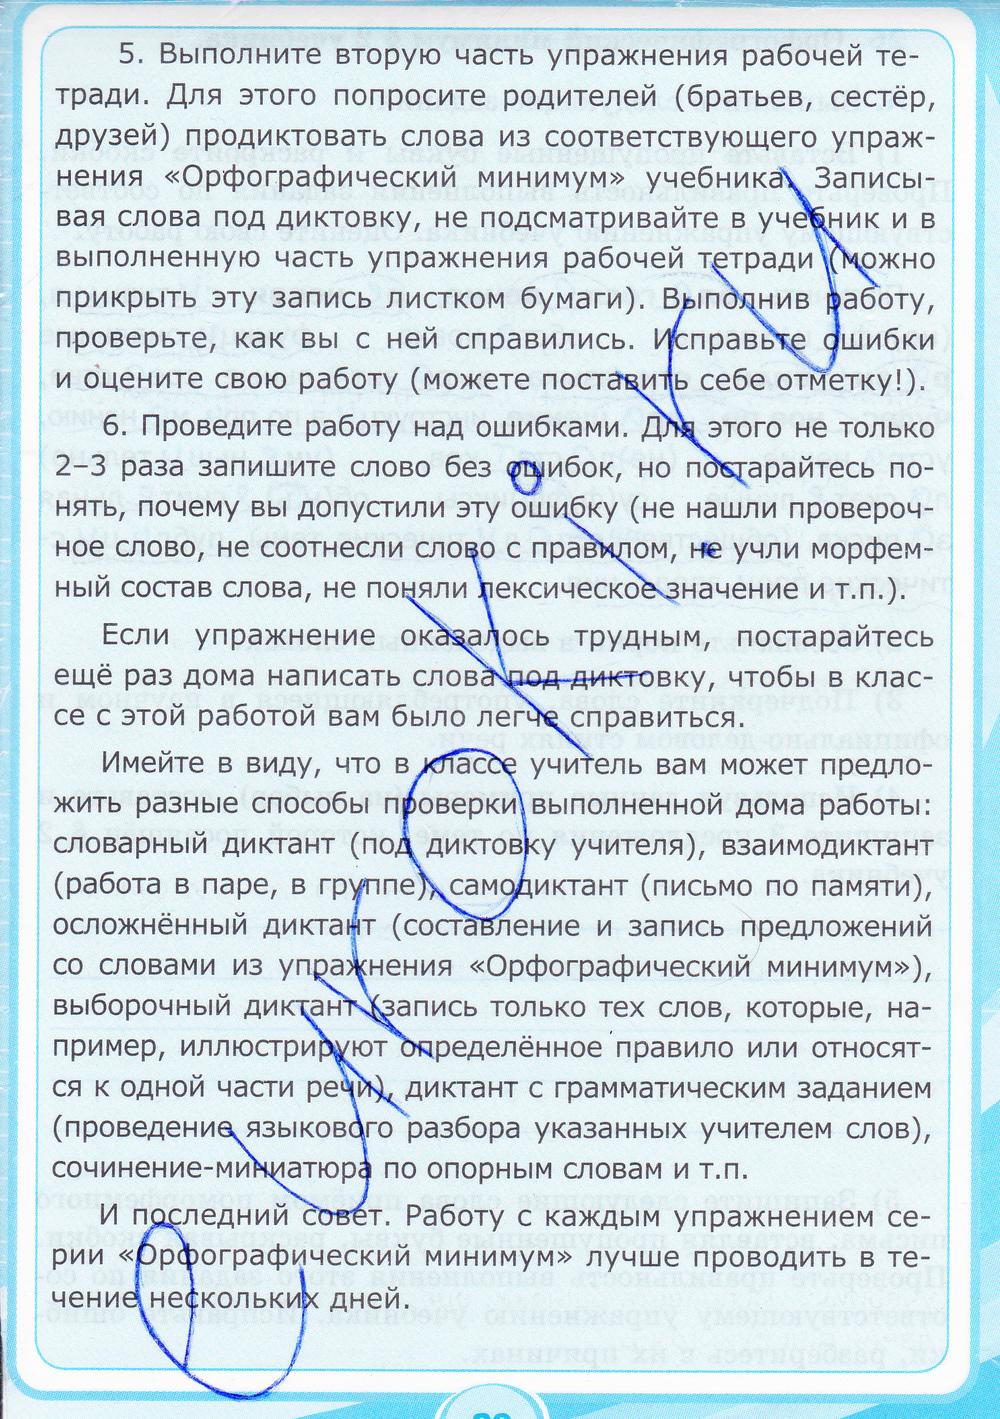 класс язык 2 рабочая часть 6 гдз тетрадь львова русский